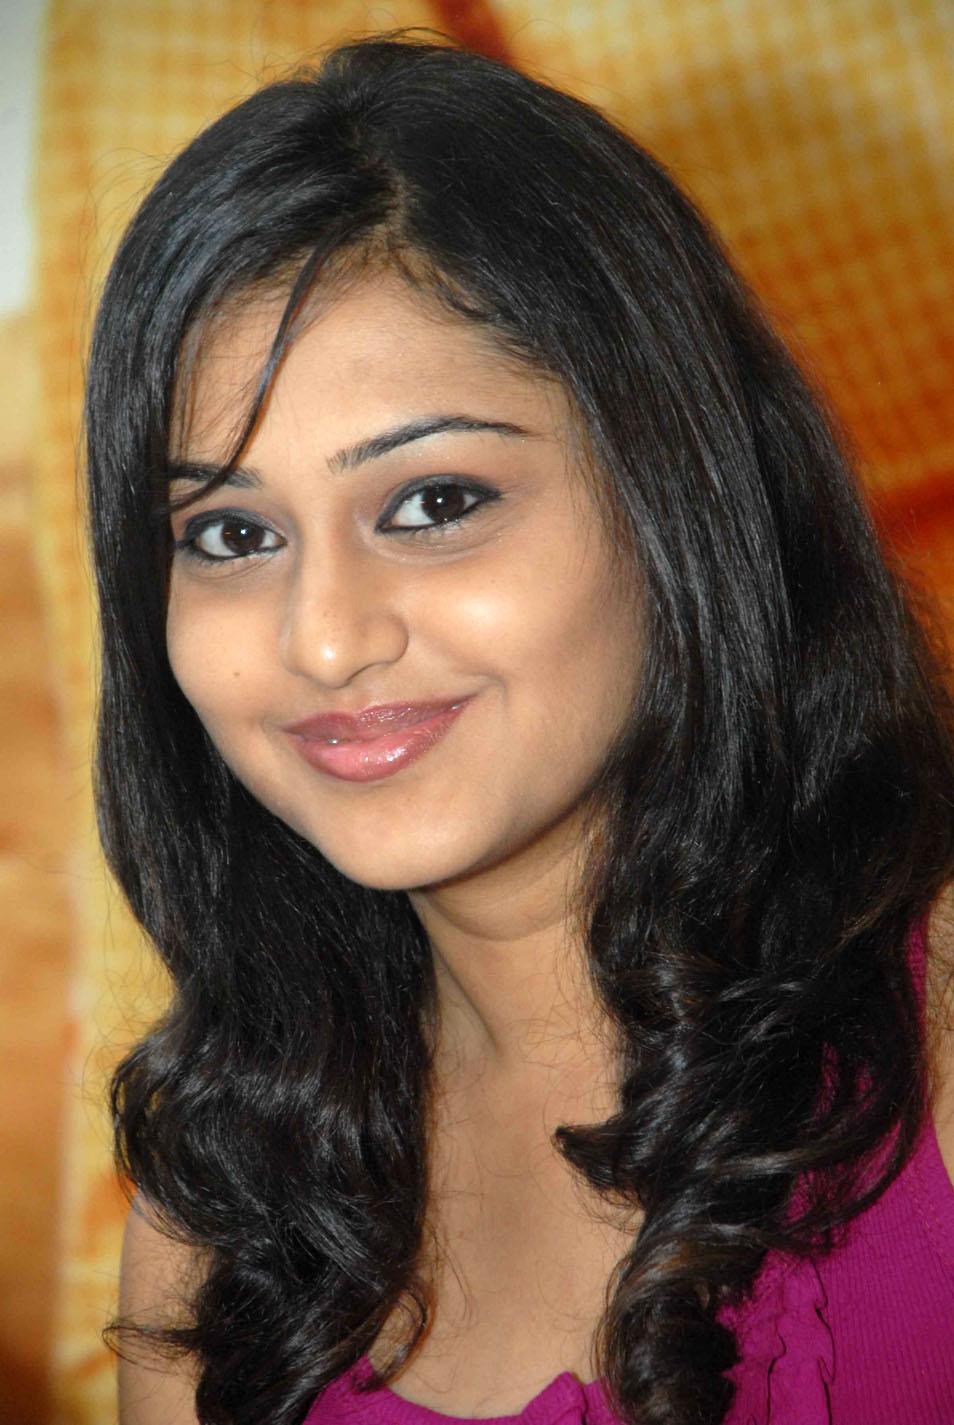 Actressradhikapandithudugaruaudiolaunchlatestimages02